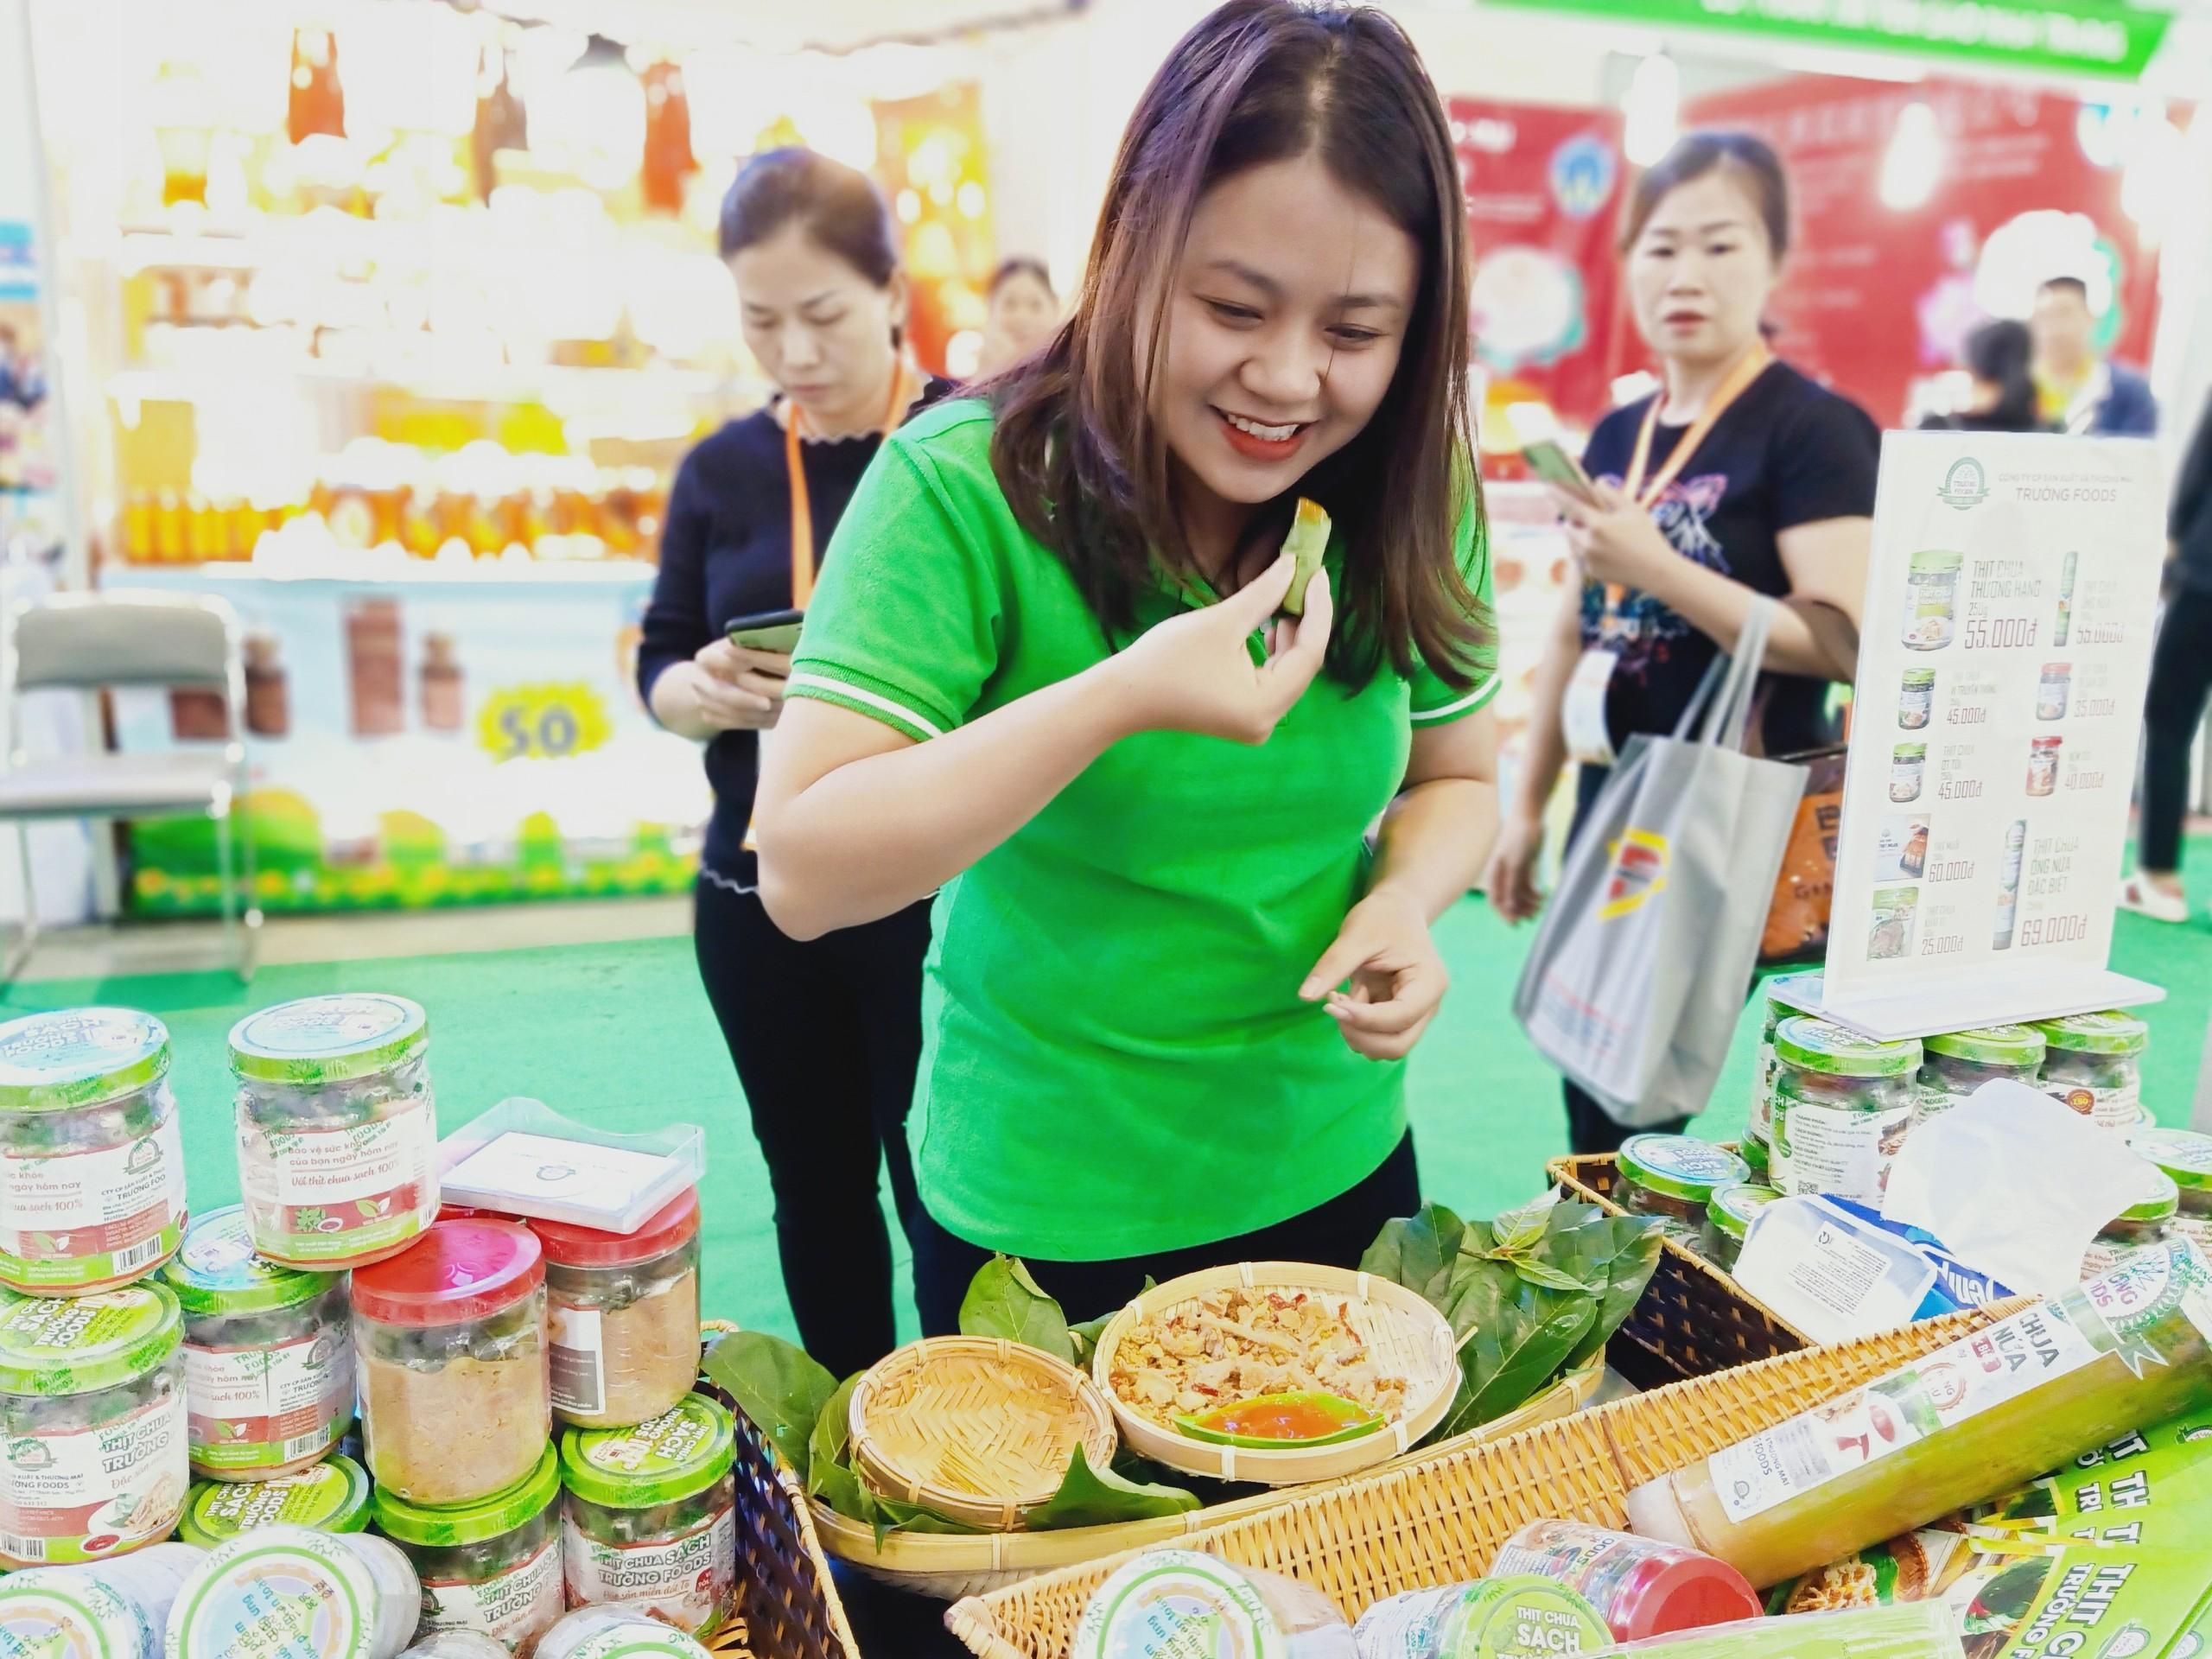 Triển lãm quốc tế thực phẩm và đồ uống 2019 tại Hà Nội – Thịt chua Trường Foods